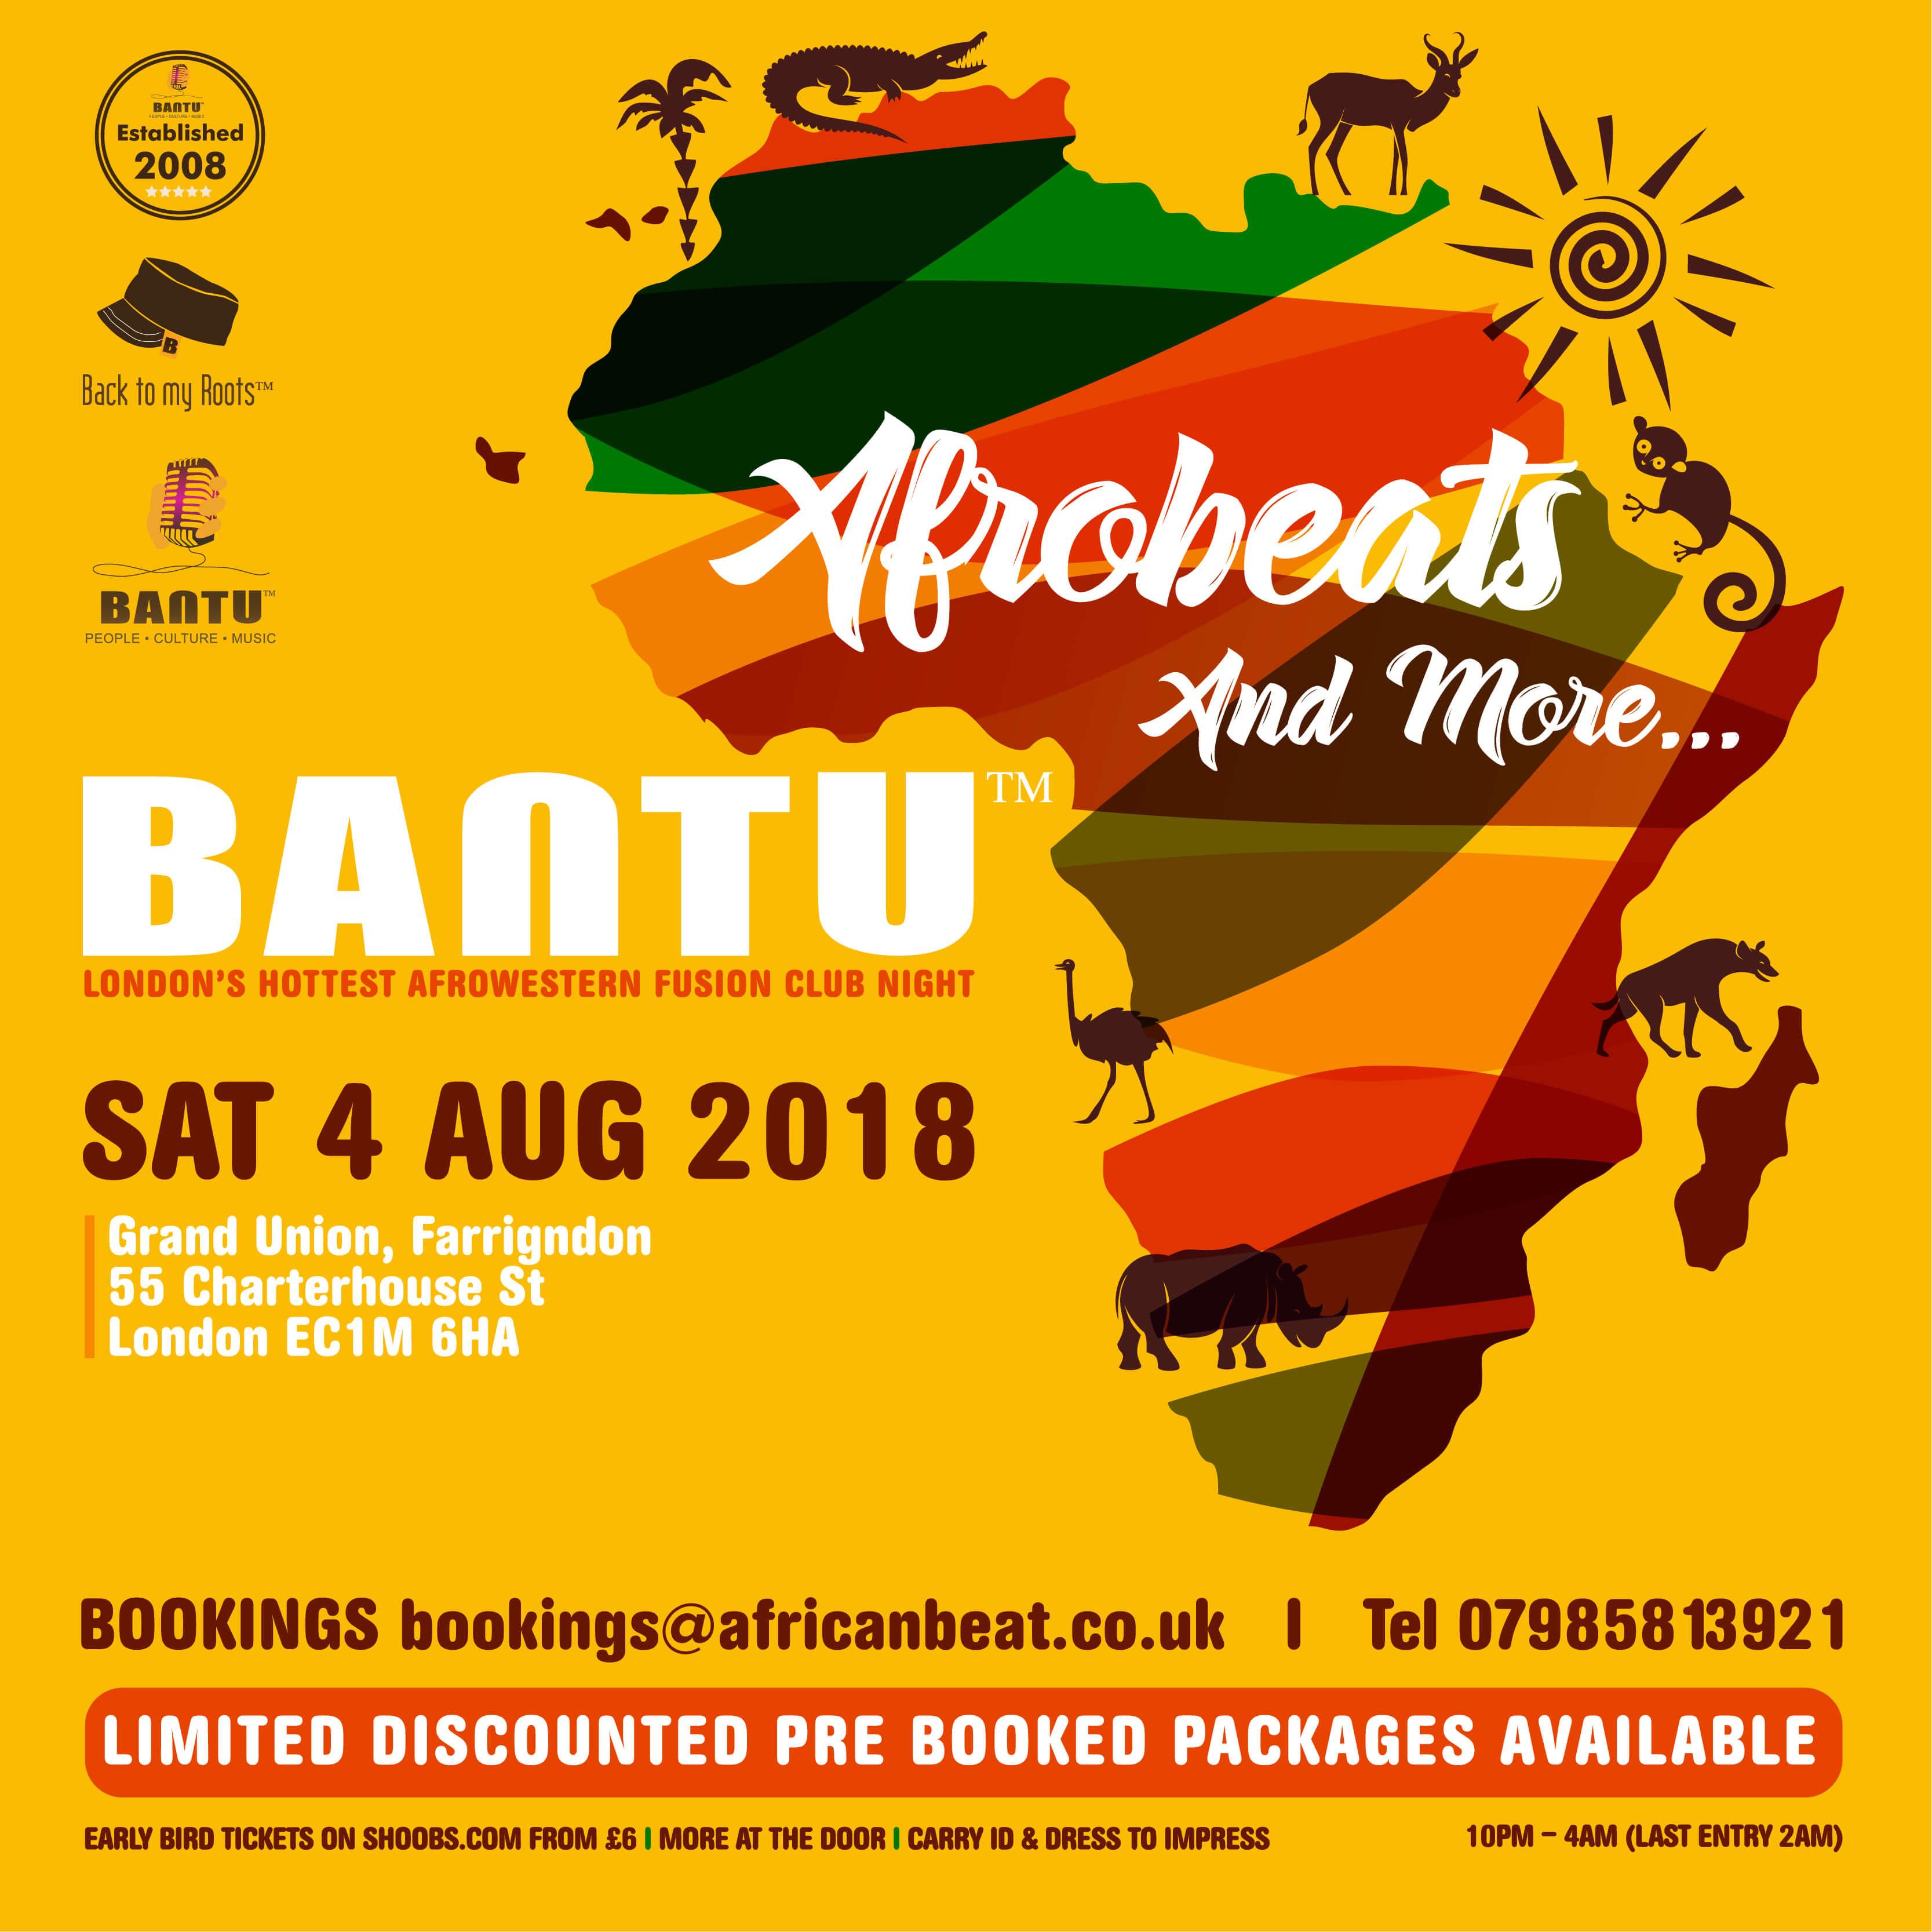 BANTU on Sat 4 Aug